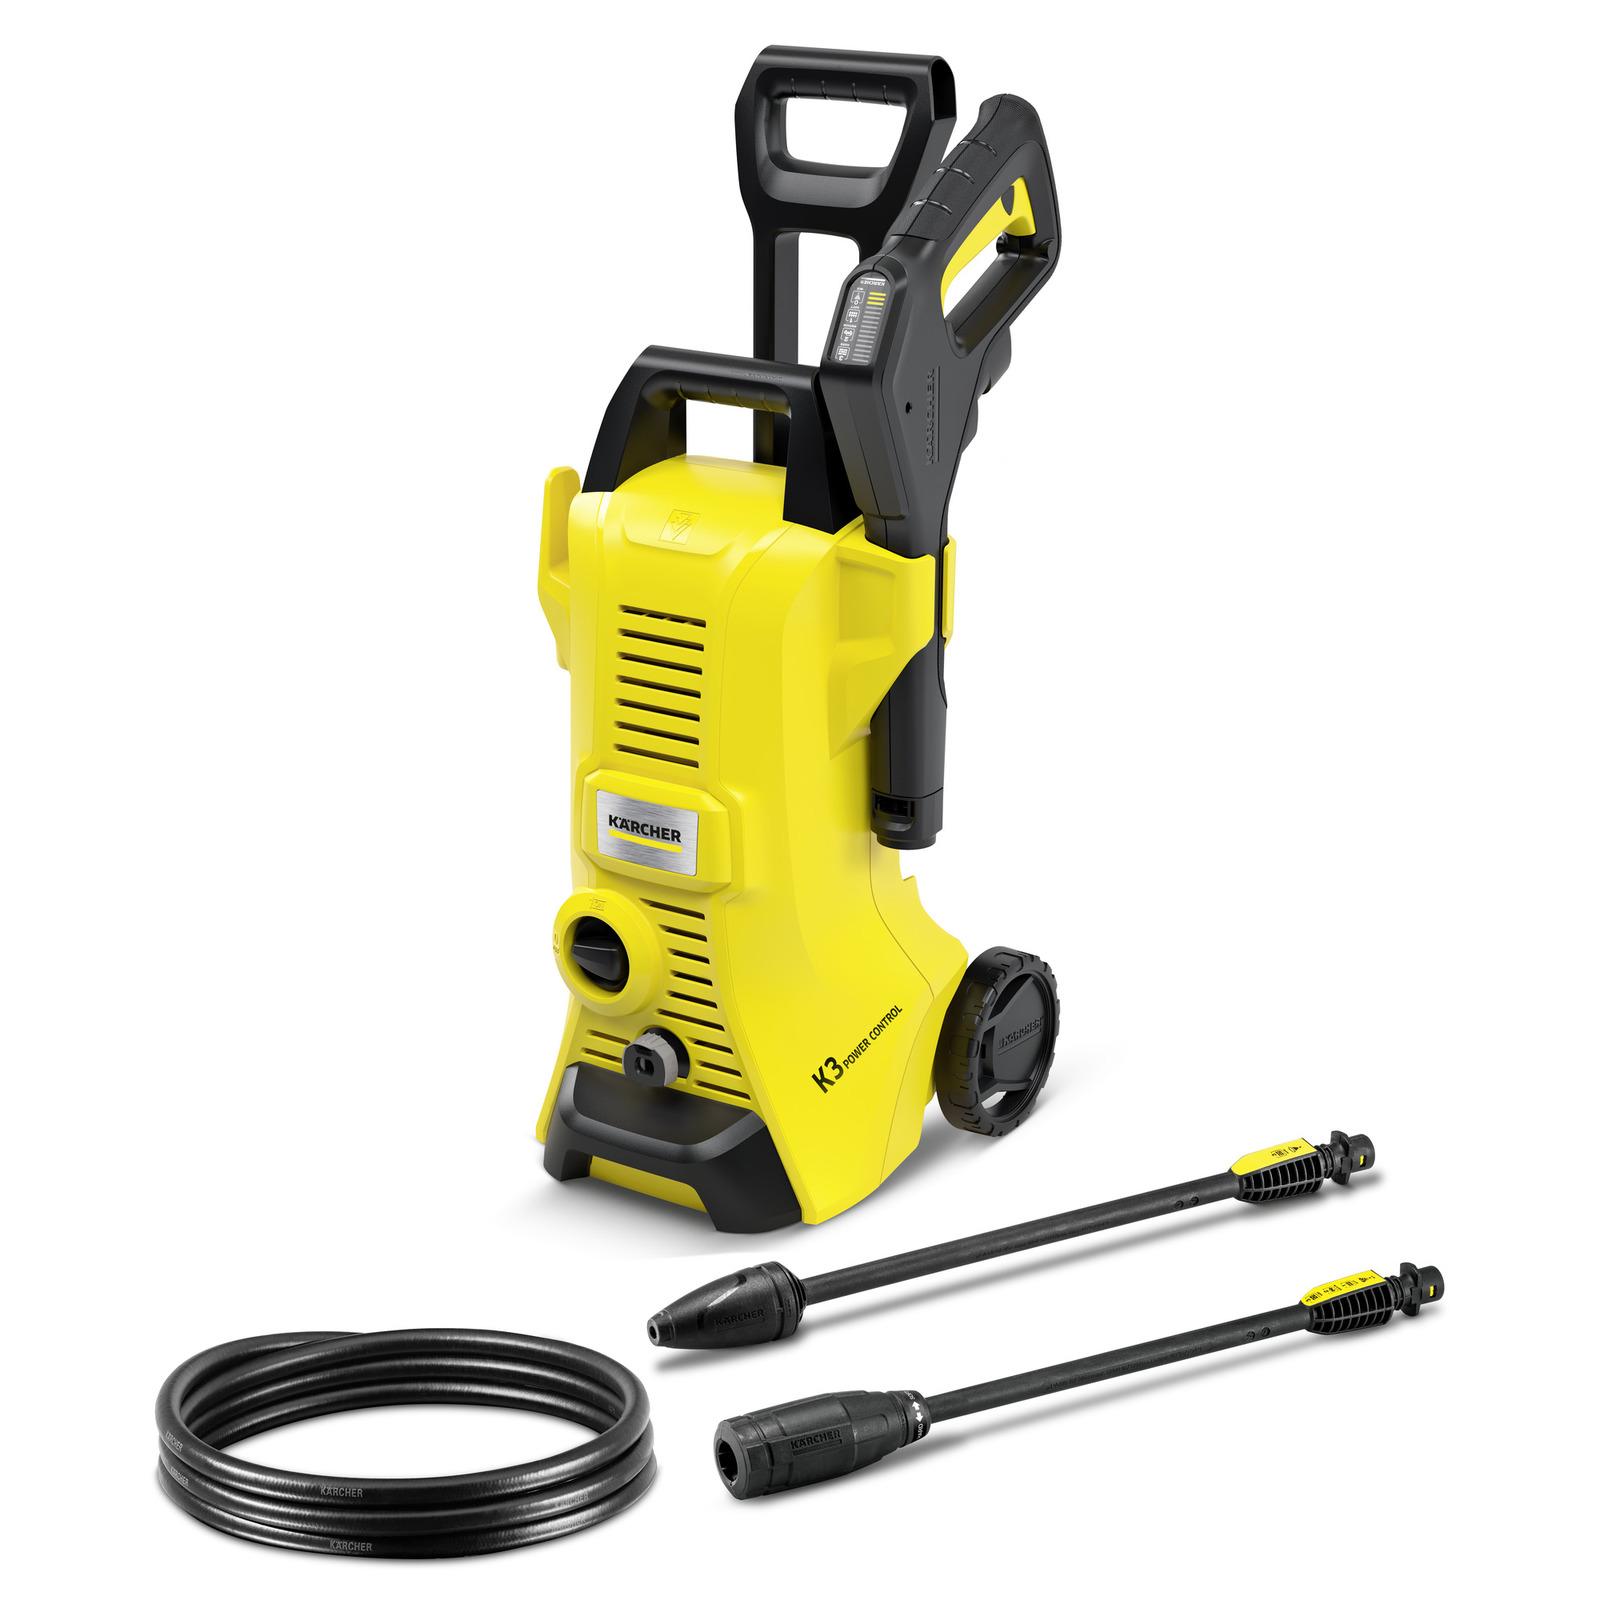 KARCHER 1.676-102.0 - K3 Power Control High Pressure Washer